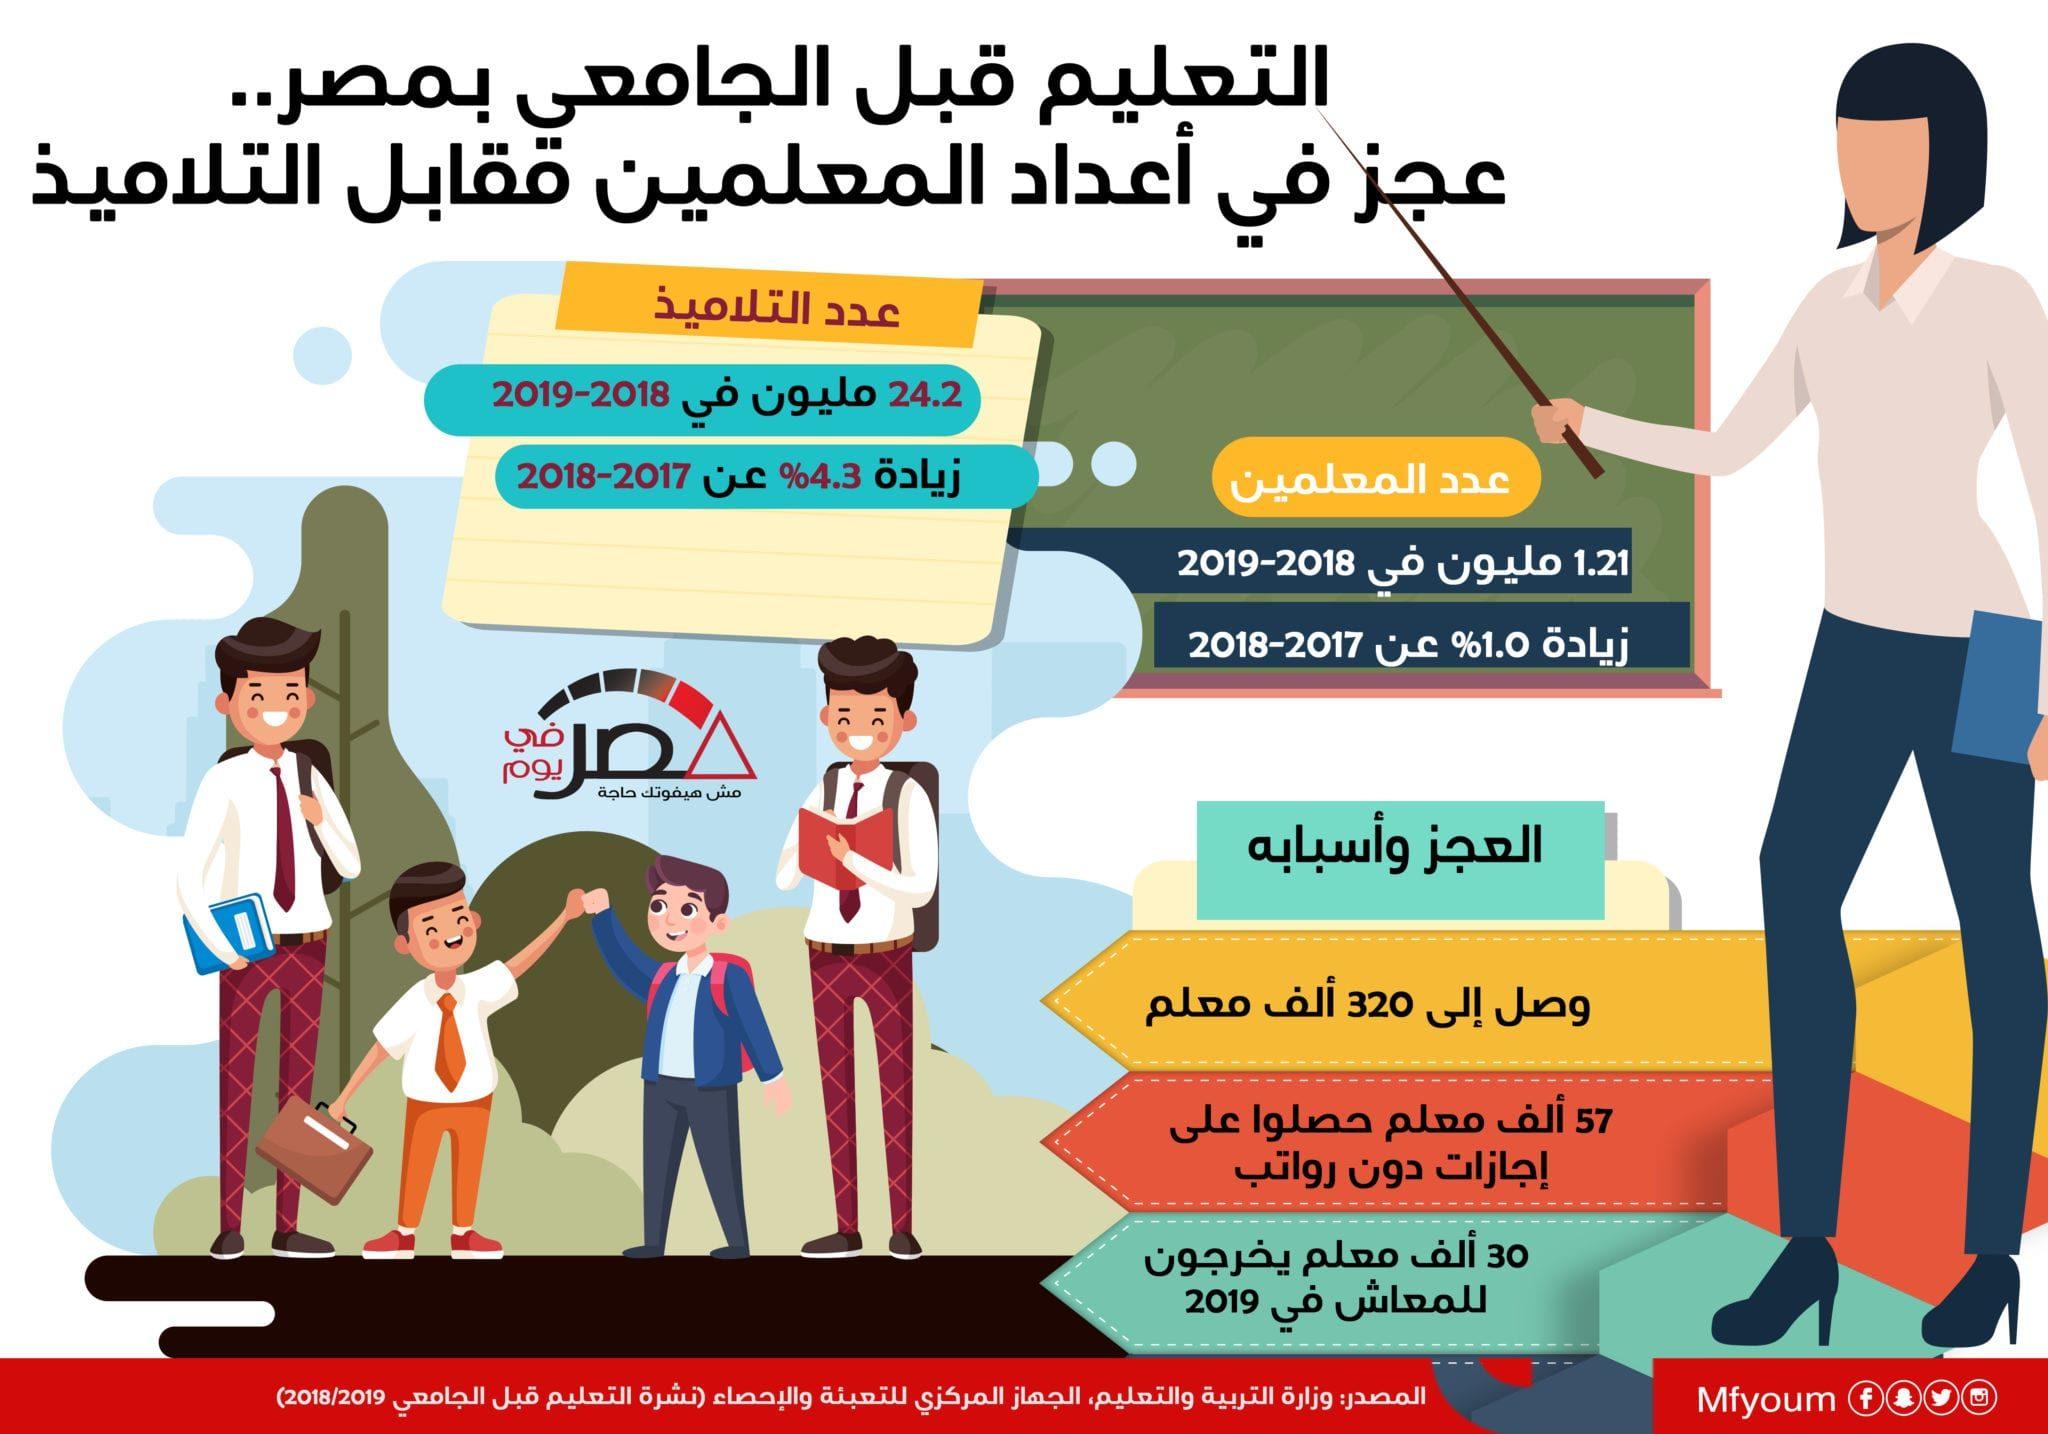 التعليم قبل الجامعي بمصر